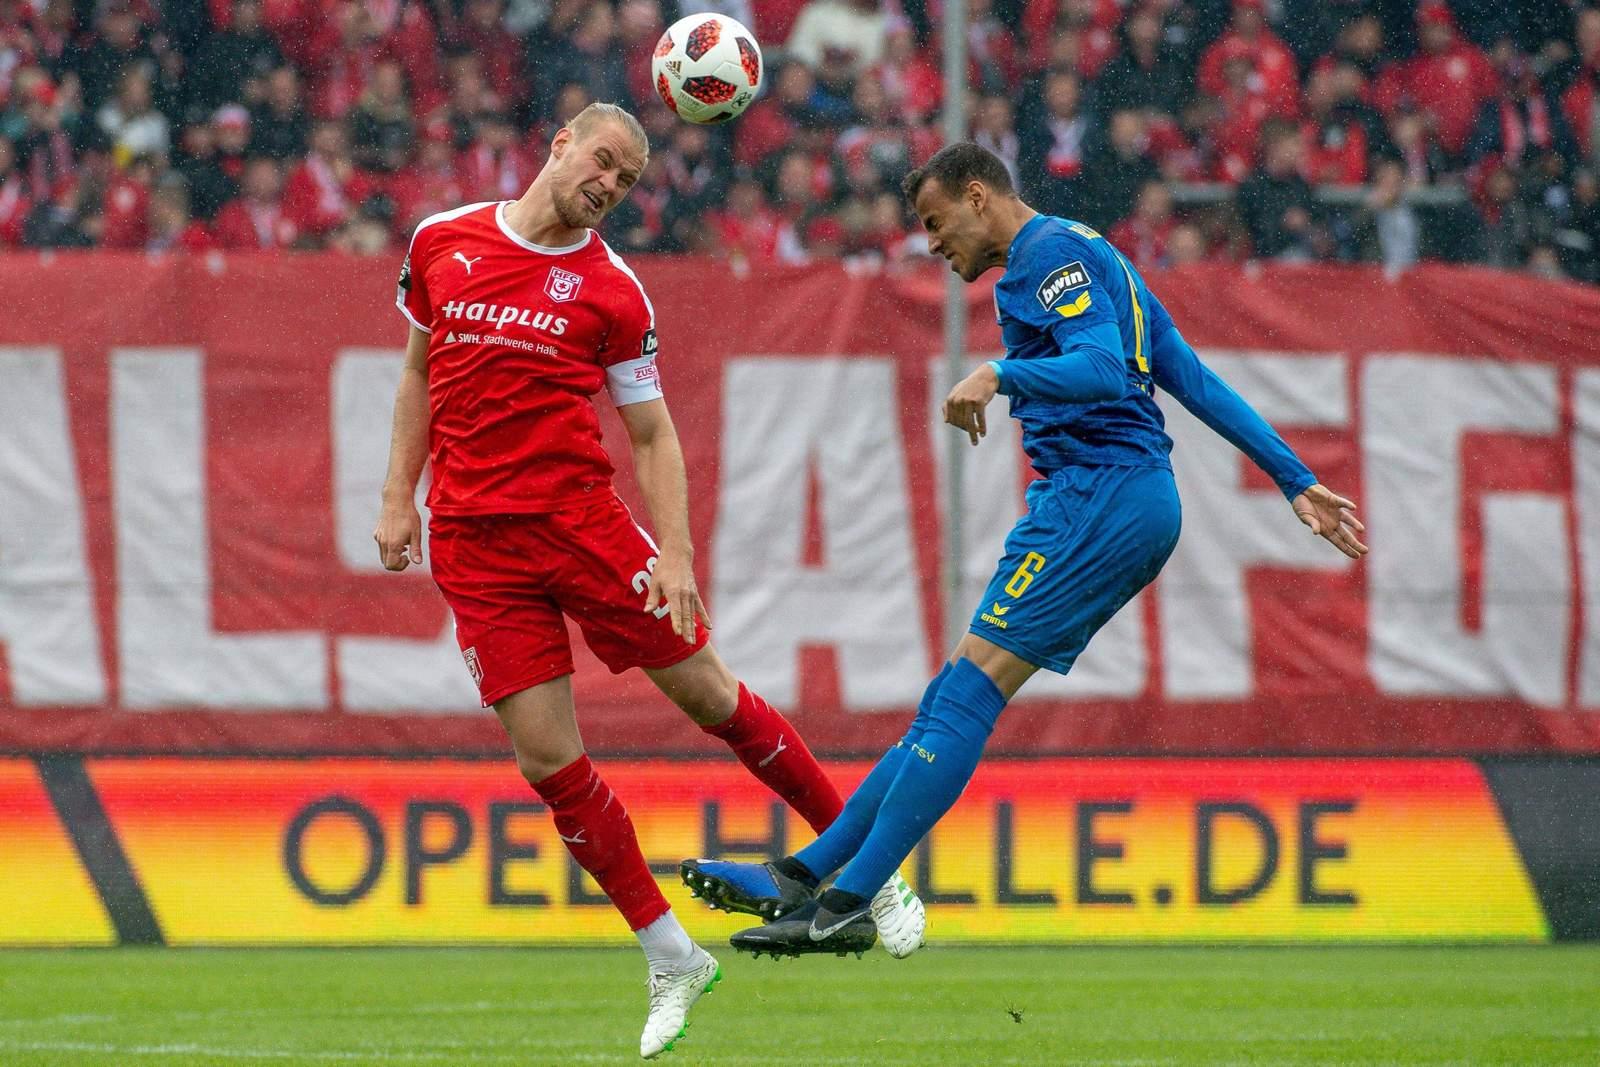 Sebastian Mai (l.) vom HFC gegen Steffen Nkansah von Eintracht Braunschweig.